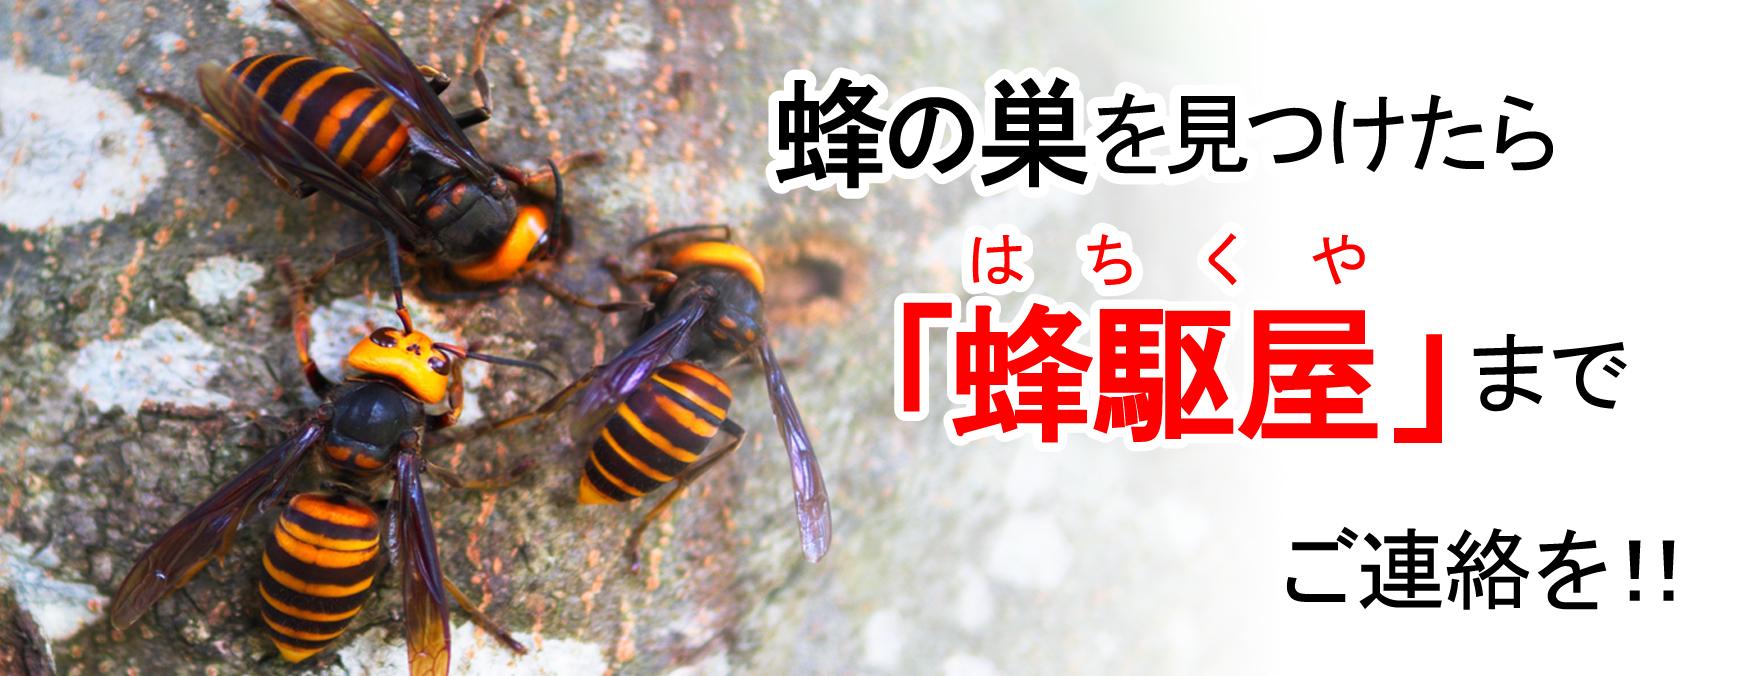 蜂の巣を発見したら蜂駆屋まで写真